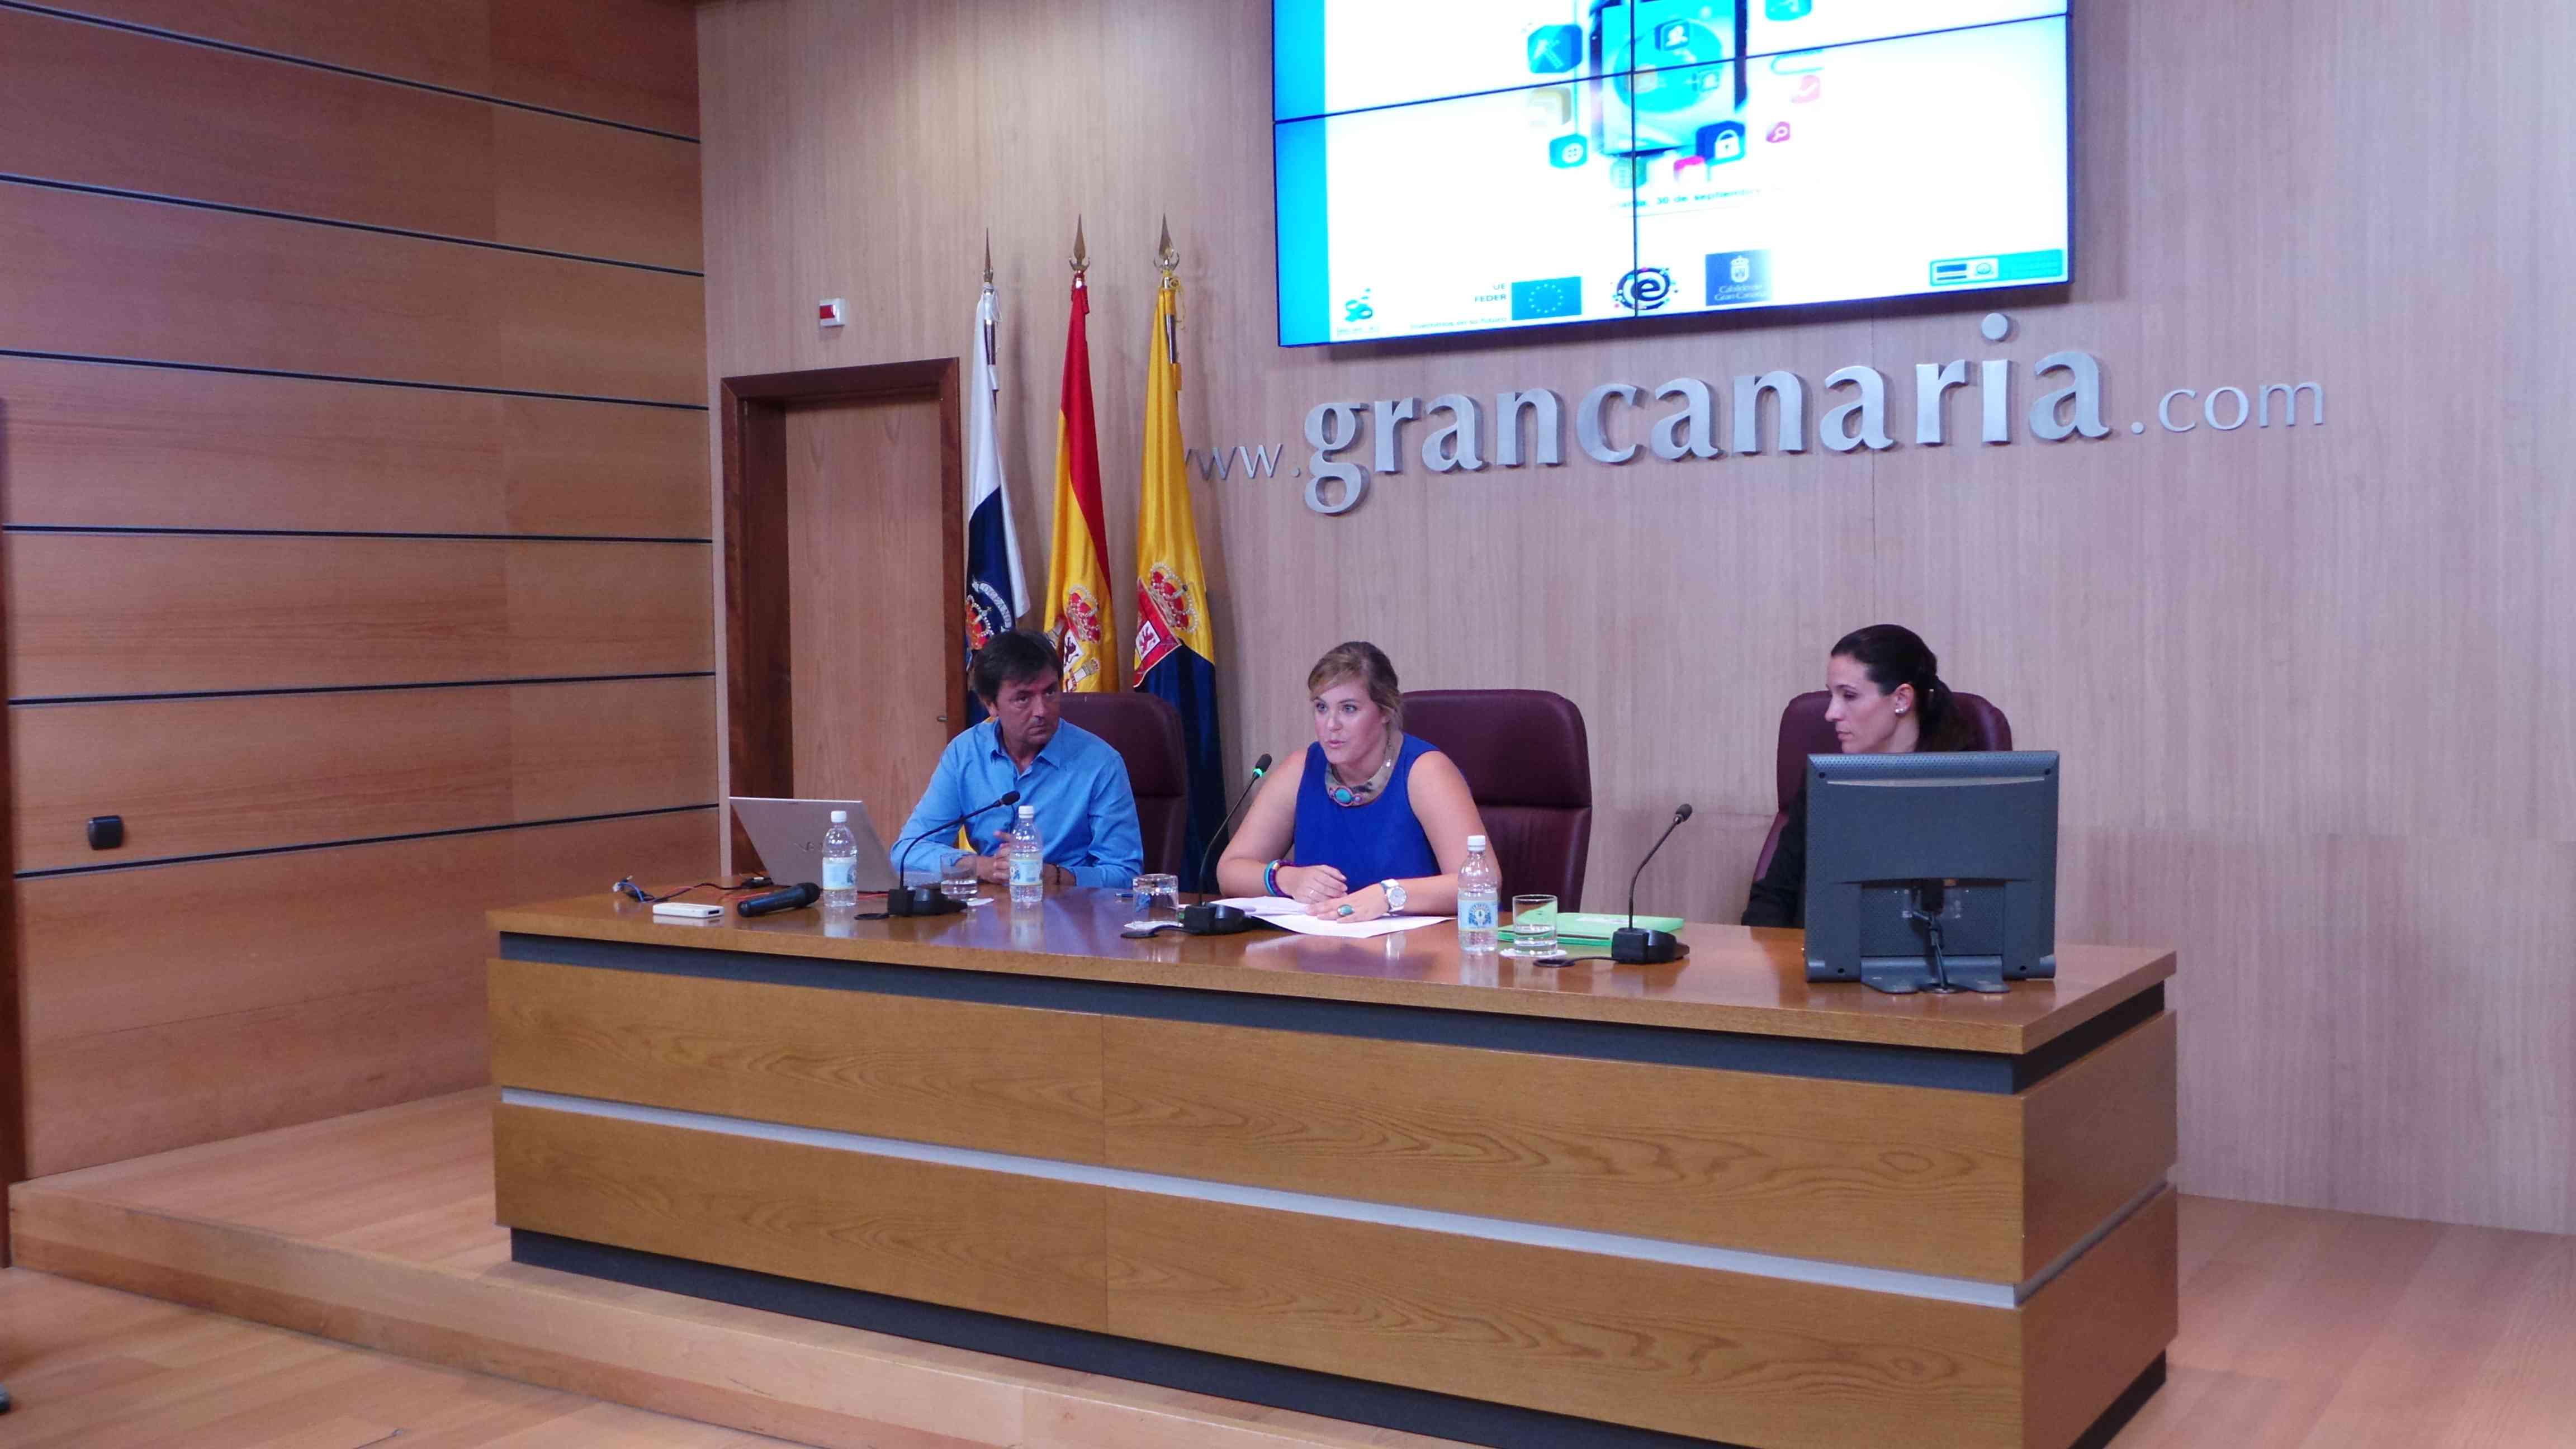 La Consejera de Juventud e Igualdad del Cabildo de Gran Canaria, María del Carmen Muñoz, durante la inauguración